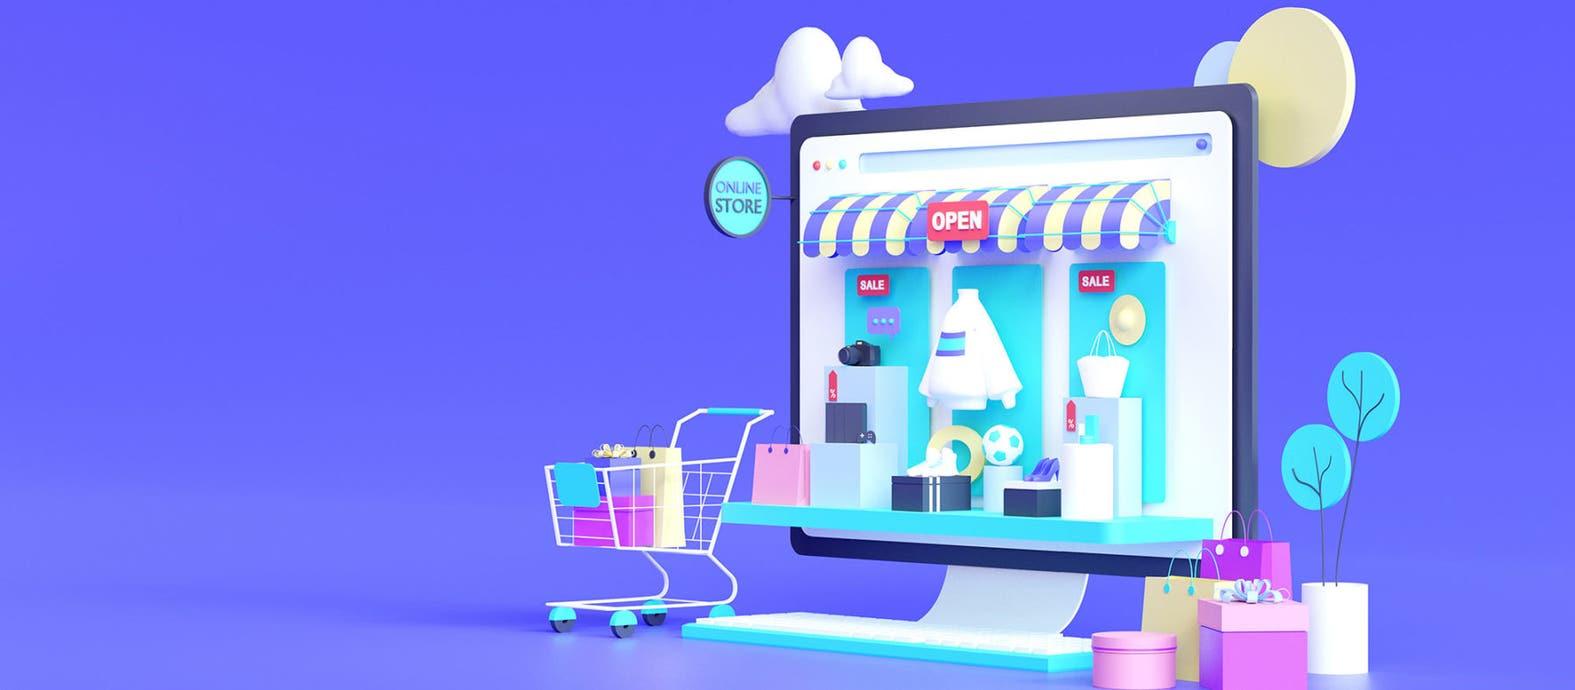 داشتن فروشگاه آنلاین باعث اطمینان بیشتر به مشتریان است | پرگاس